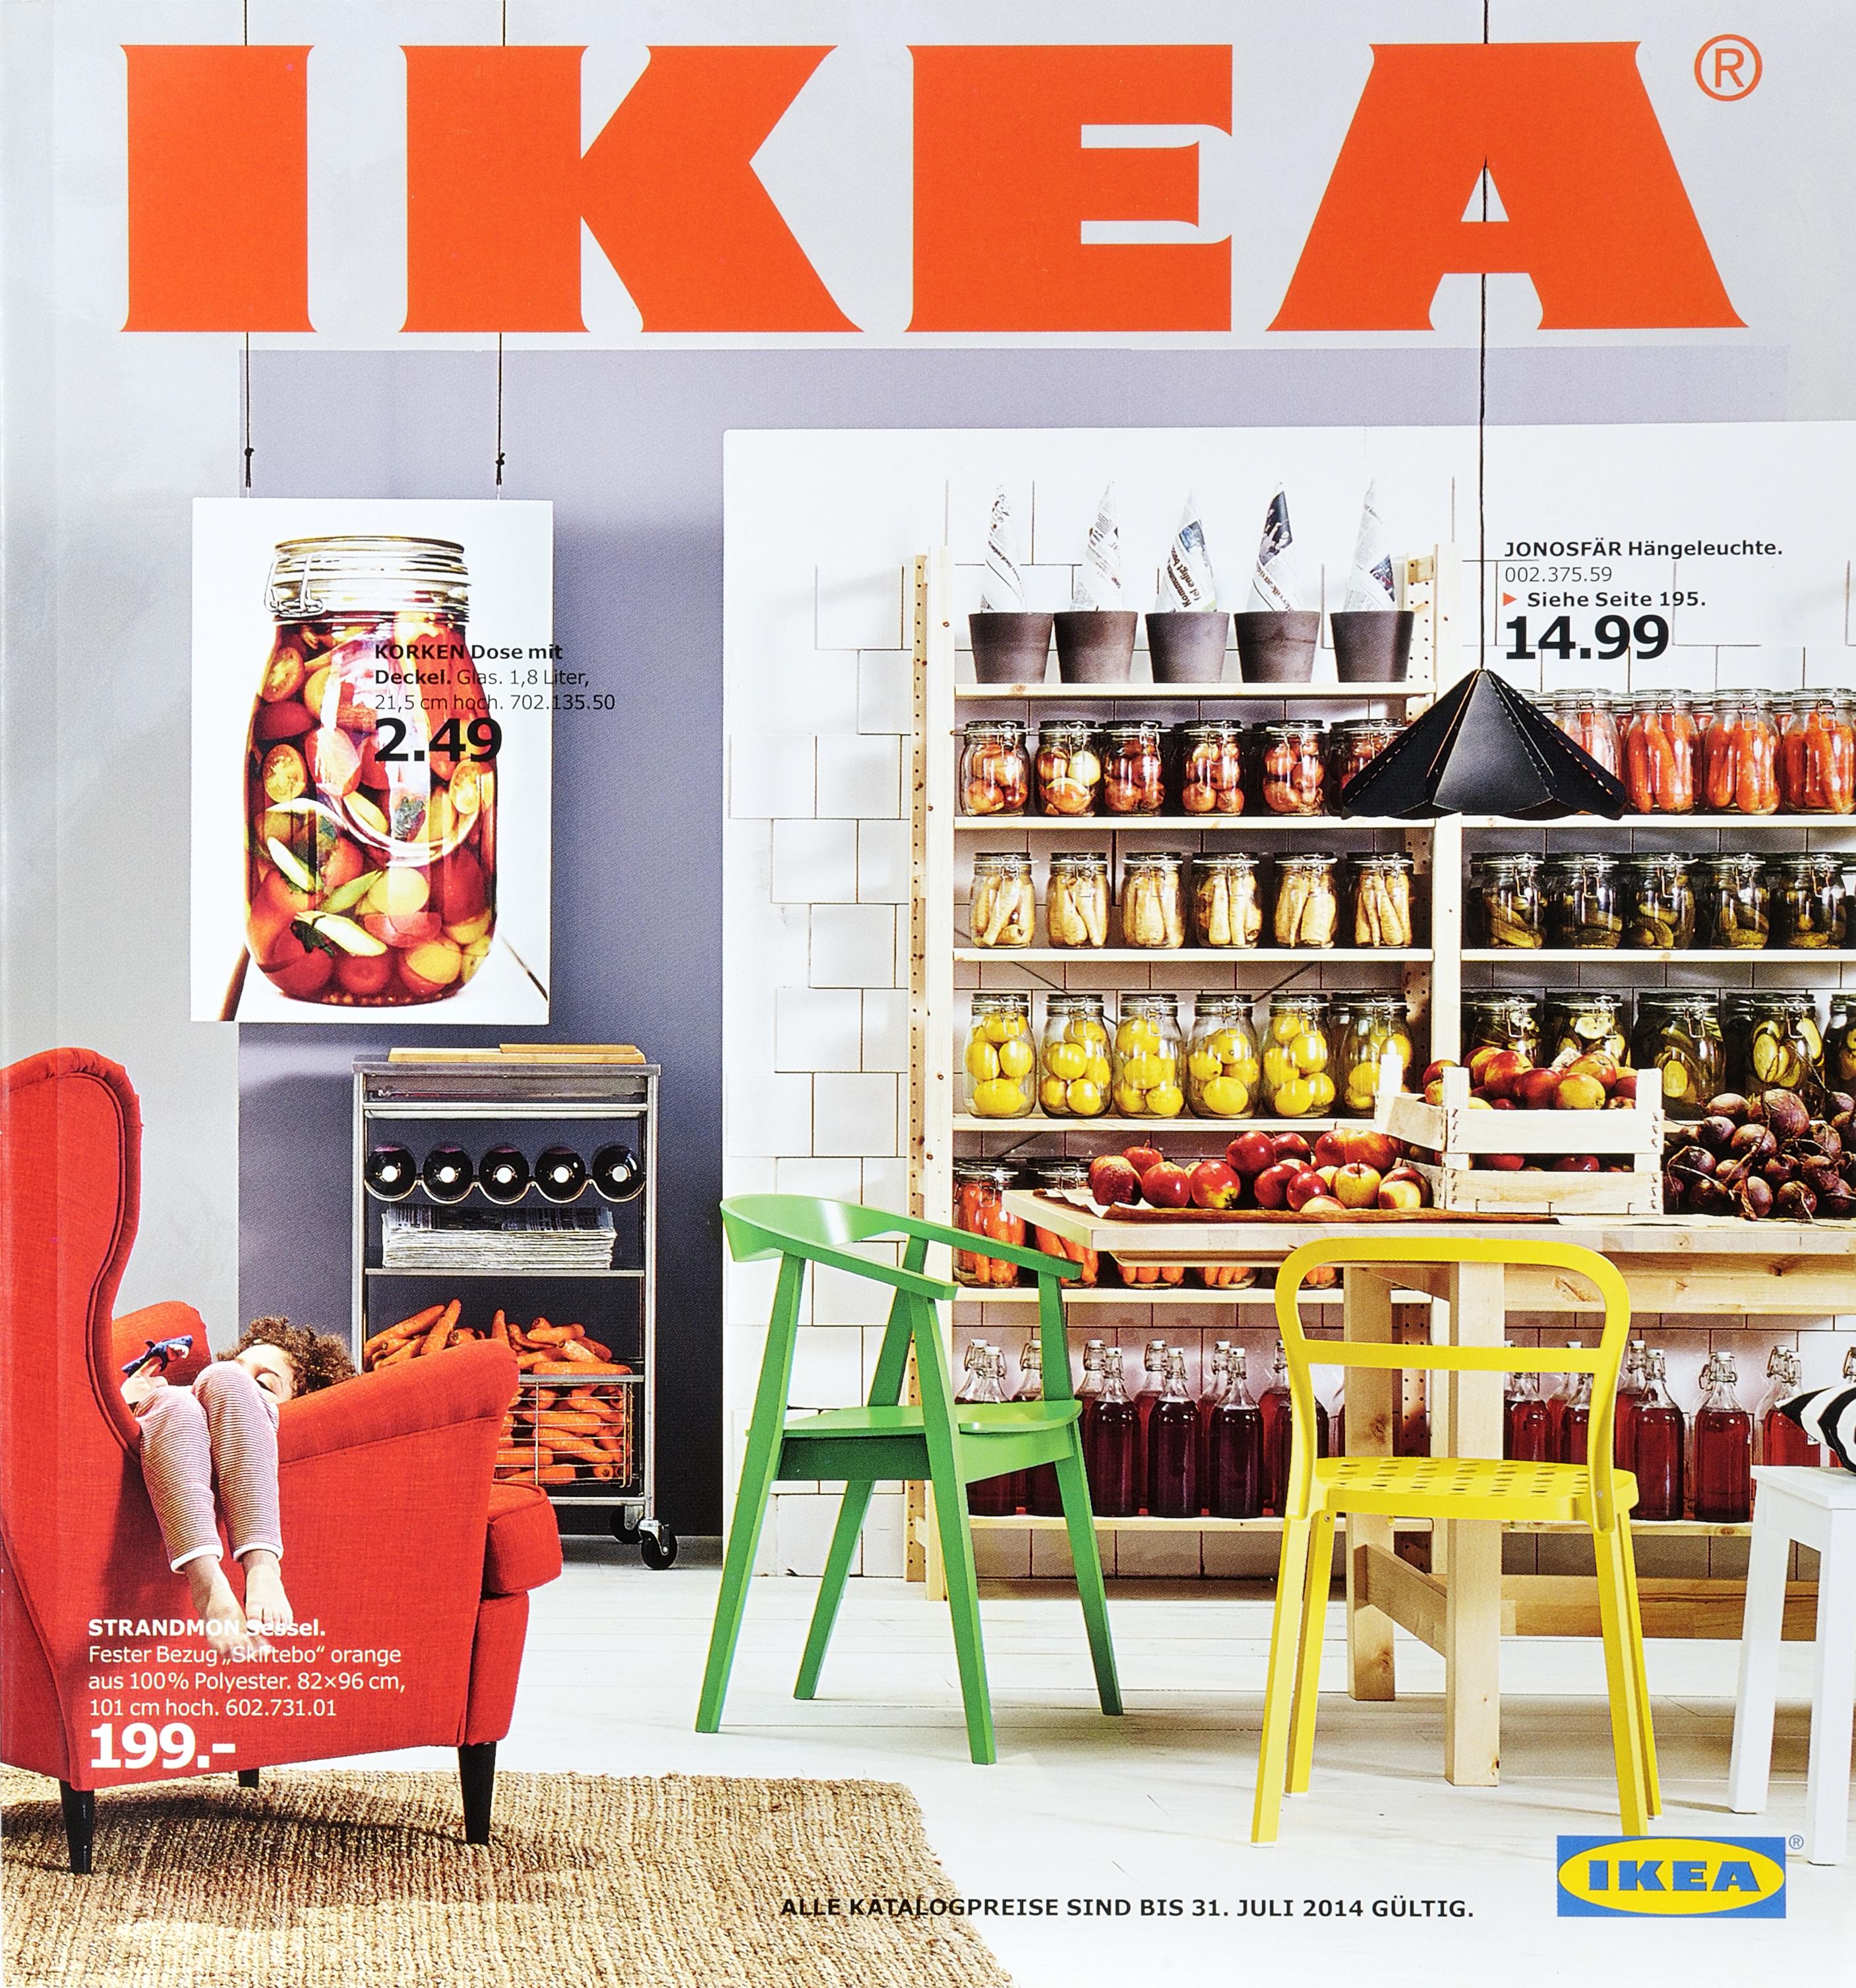 ikea trotzt instagram mit erfolgreicher werbekampagne. Black Bedroom Furniture Sets. Home Design Ideas